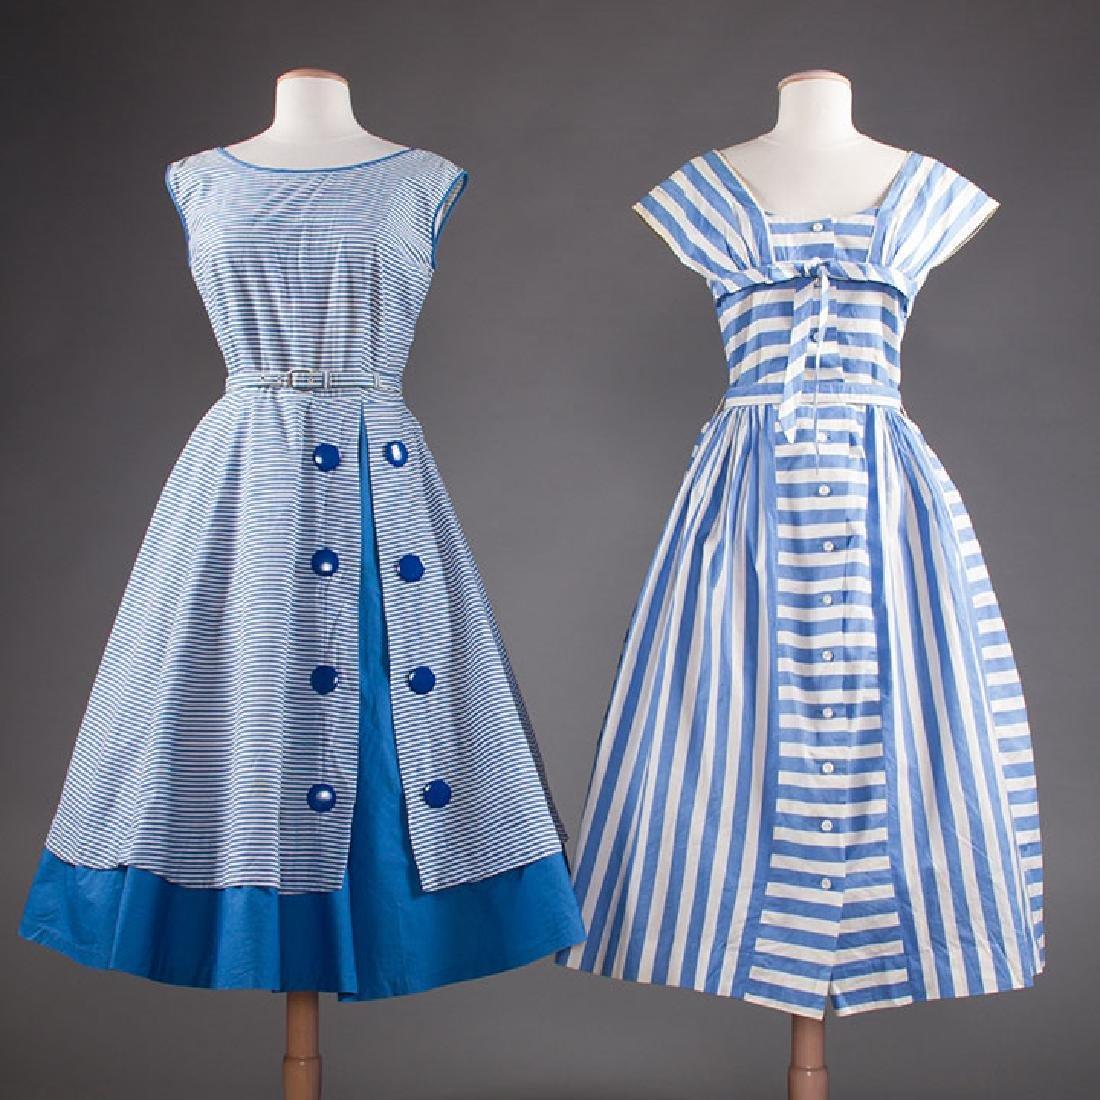 2 BLUE & WHITE COTTON DRESSES, 1950s